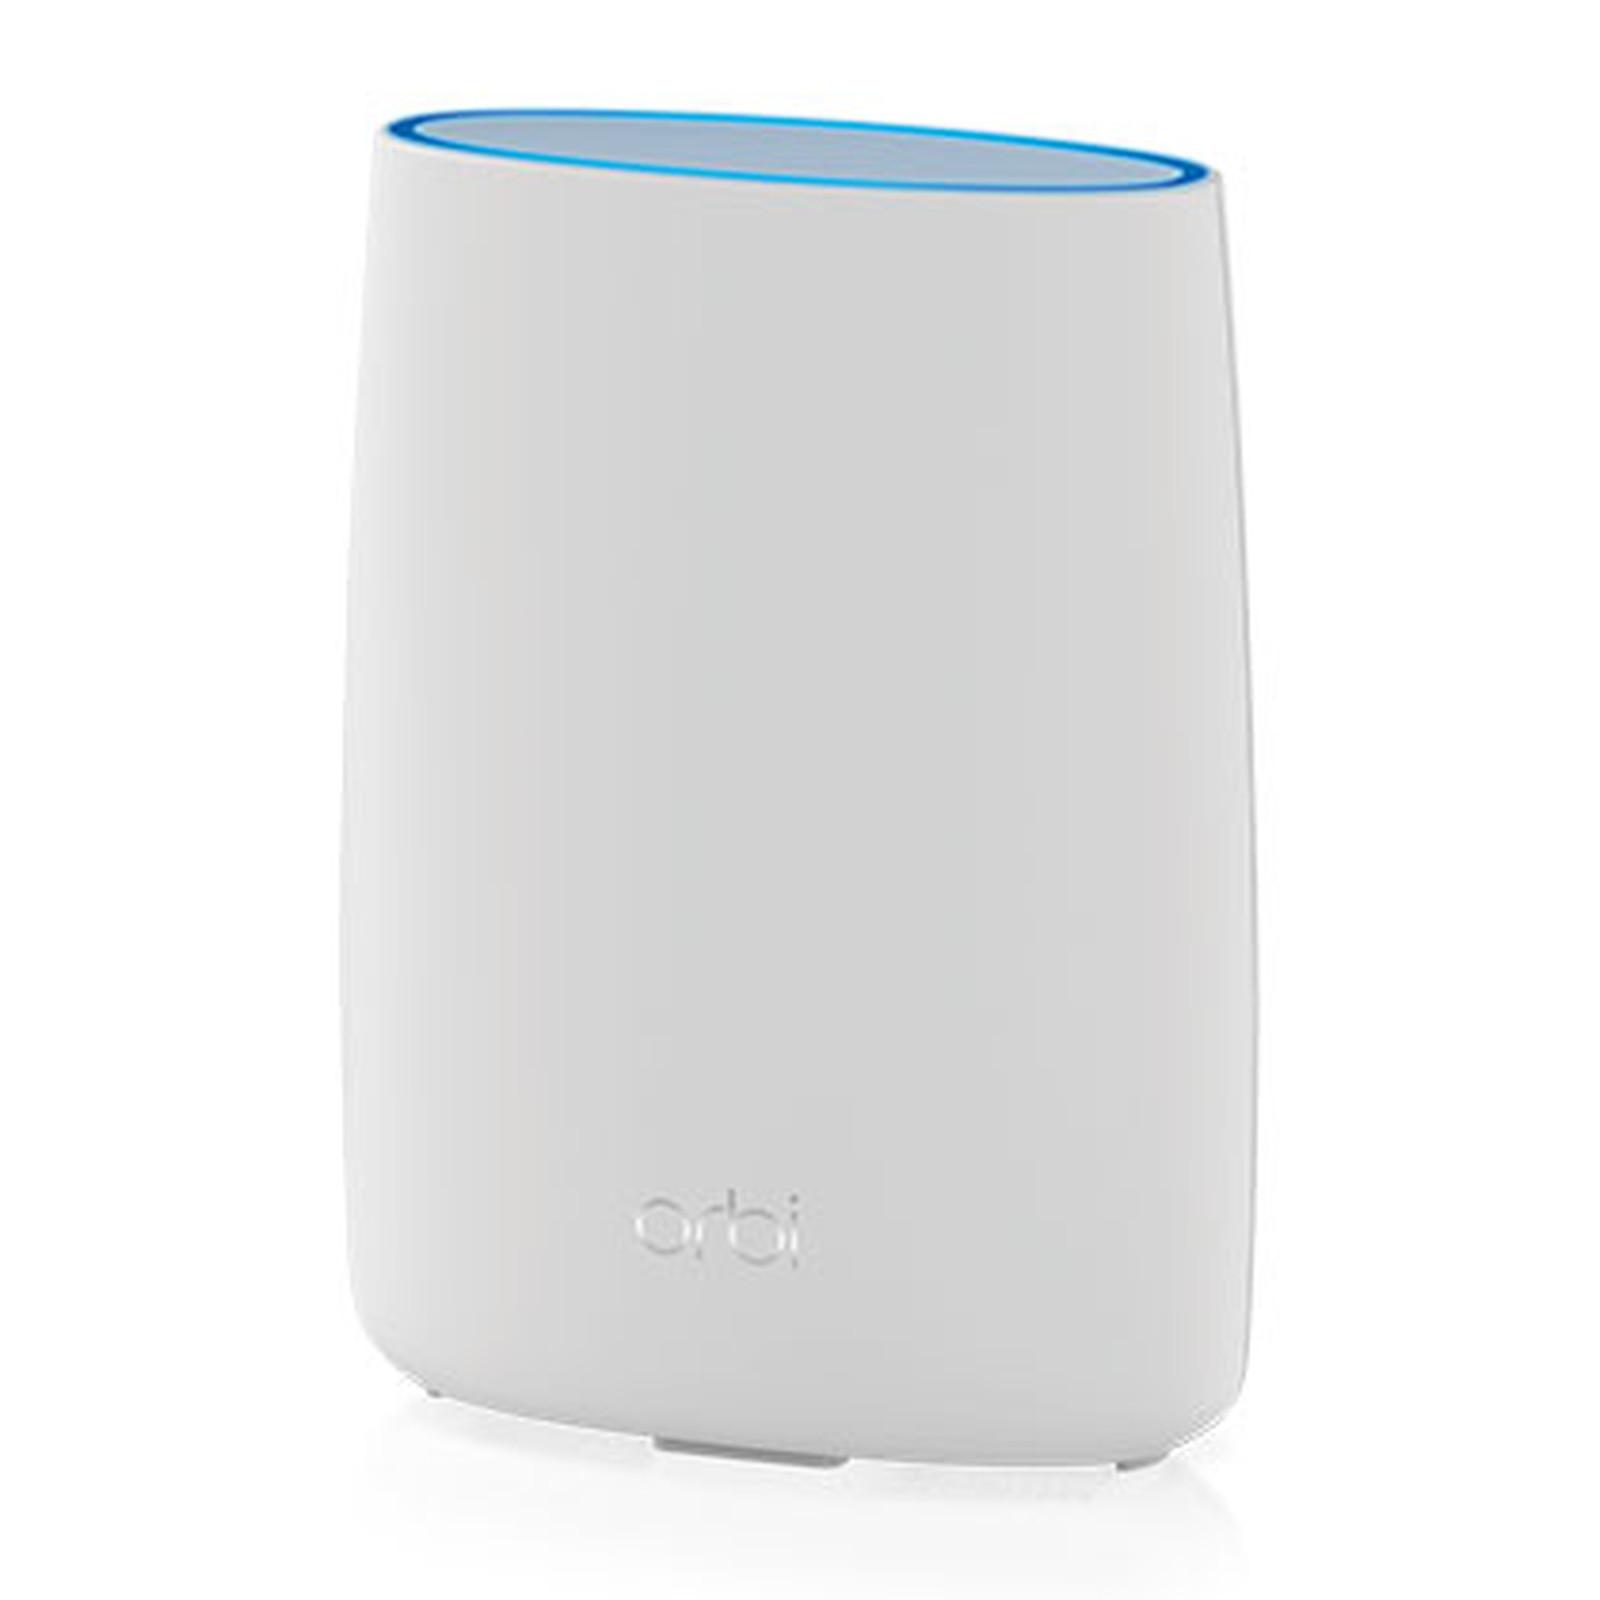 Netgear Orbi routeur 4G LTE AC2200 (LBR20-100EUS)